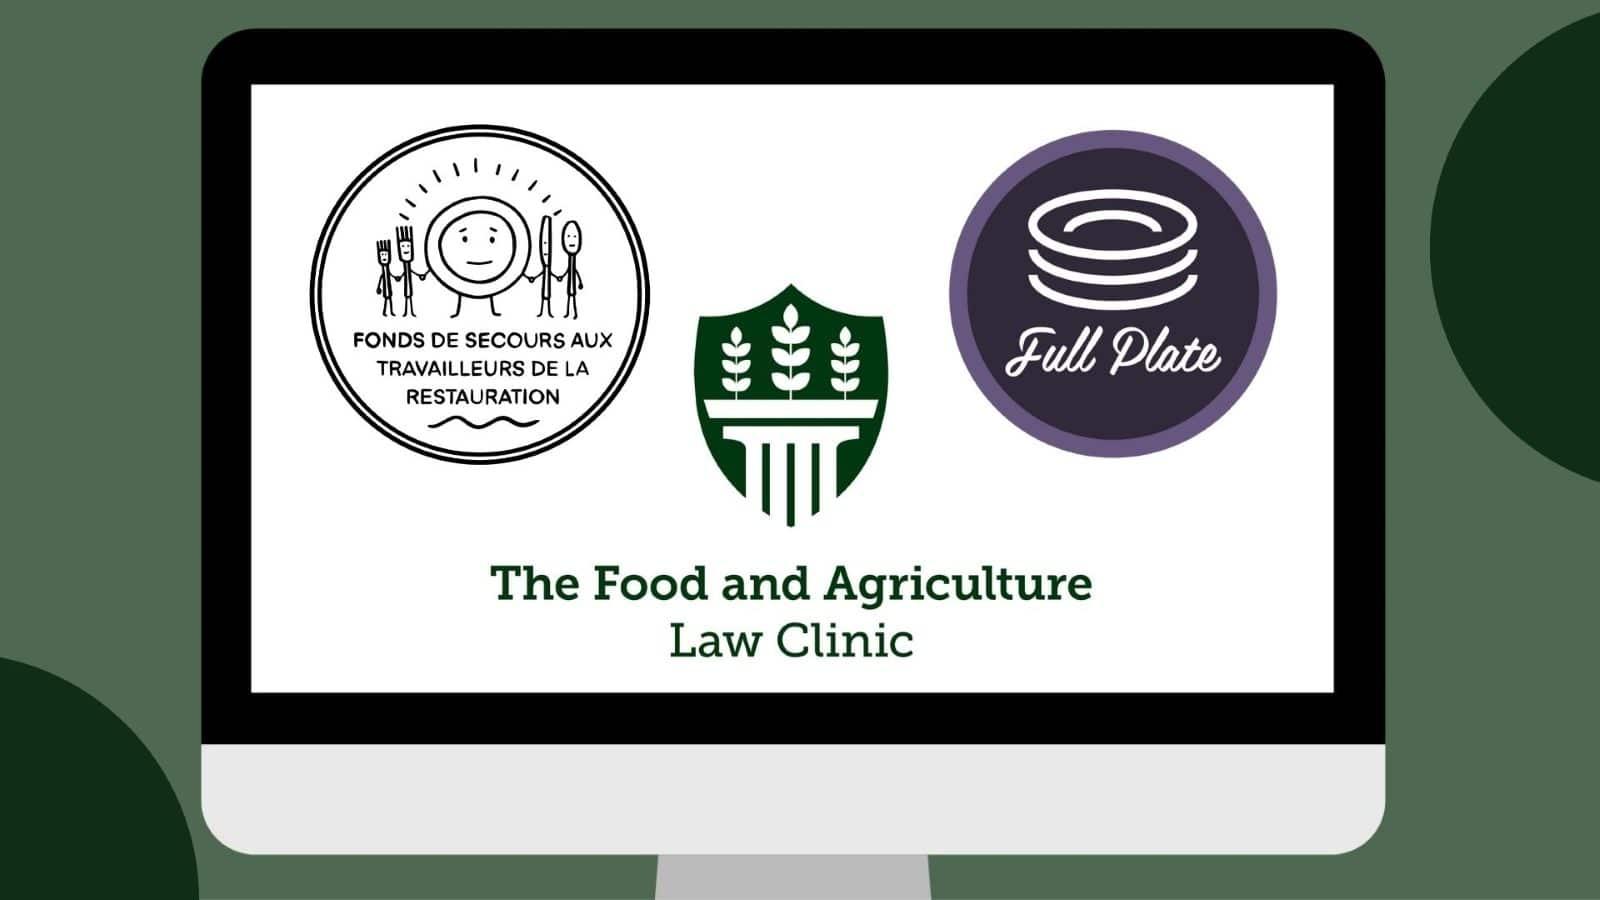 La Clinique juridique des travailleurs de la restaurantion : une ressource gratuite